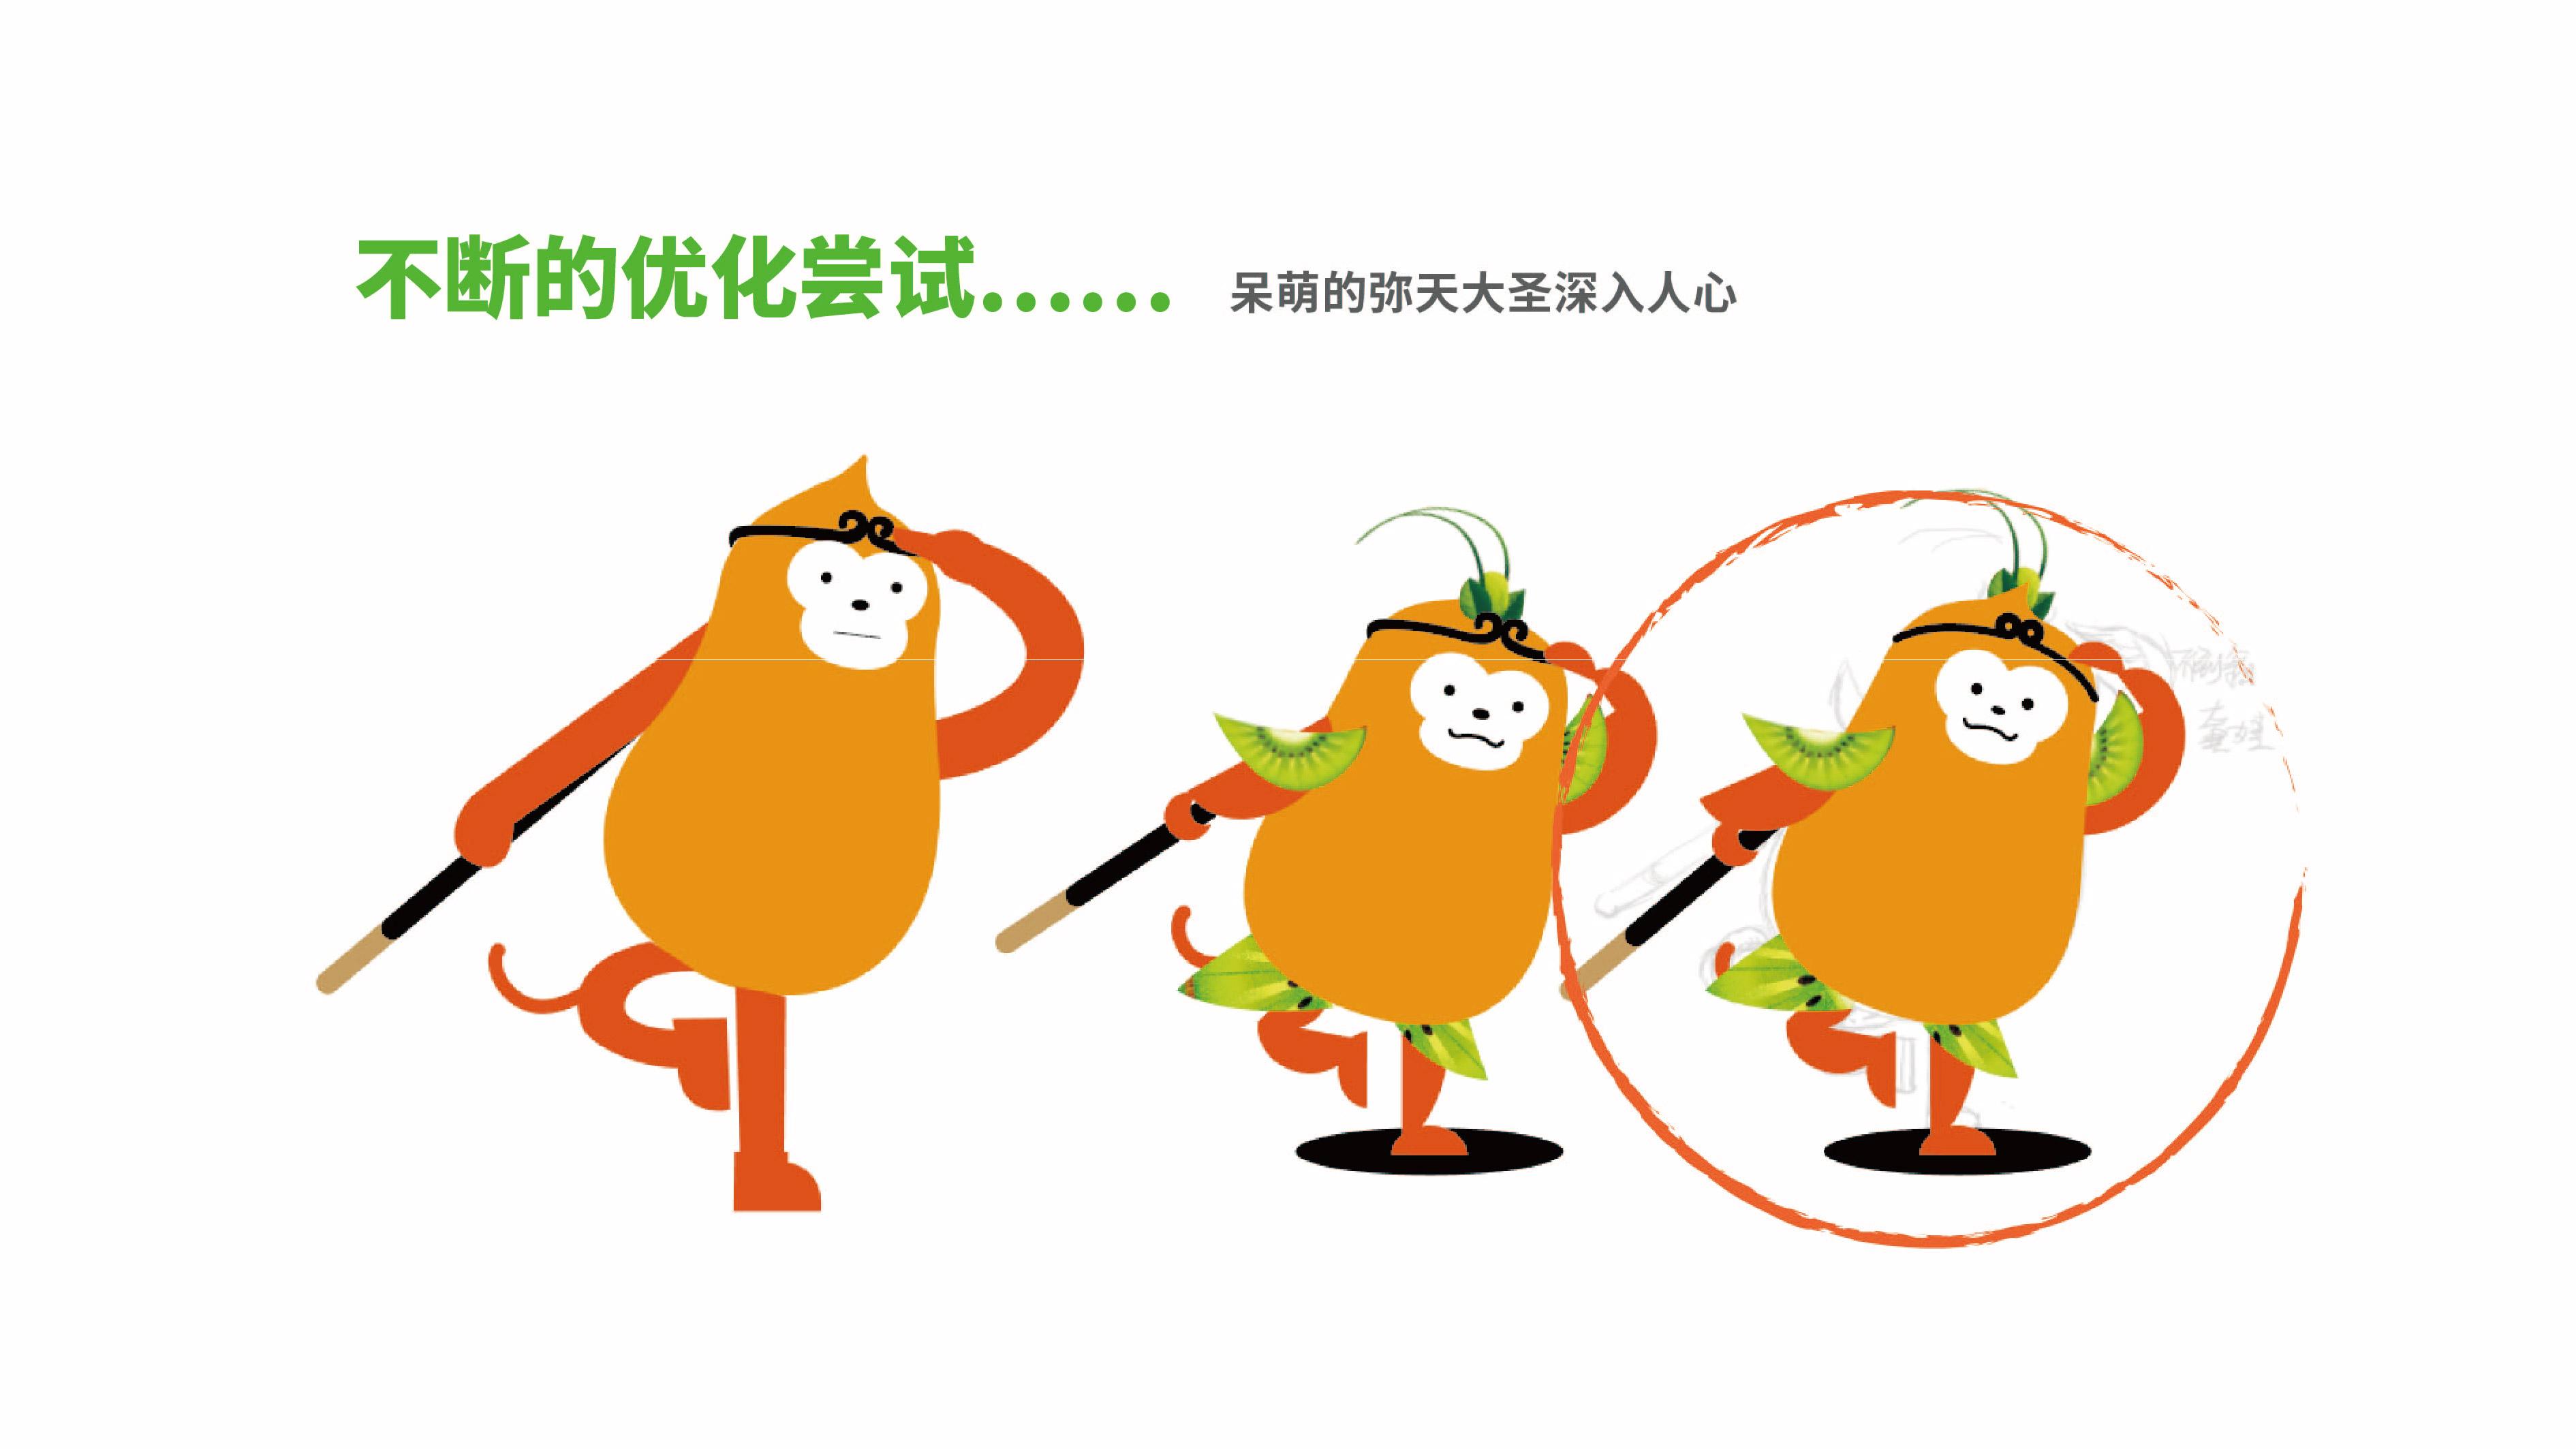 洪9獼猴桃-洪9獼猴桃-19